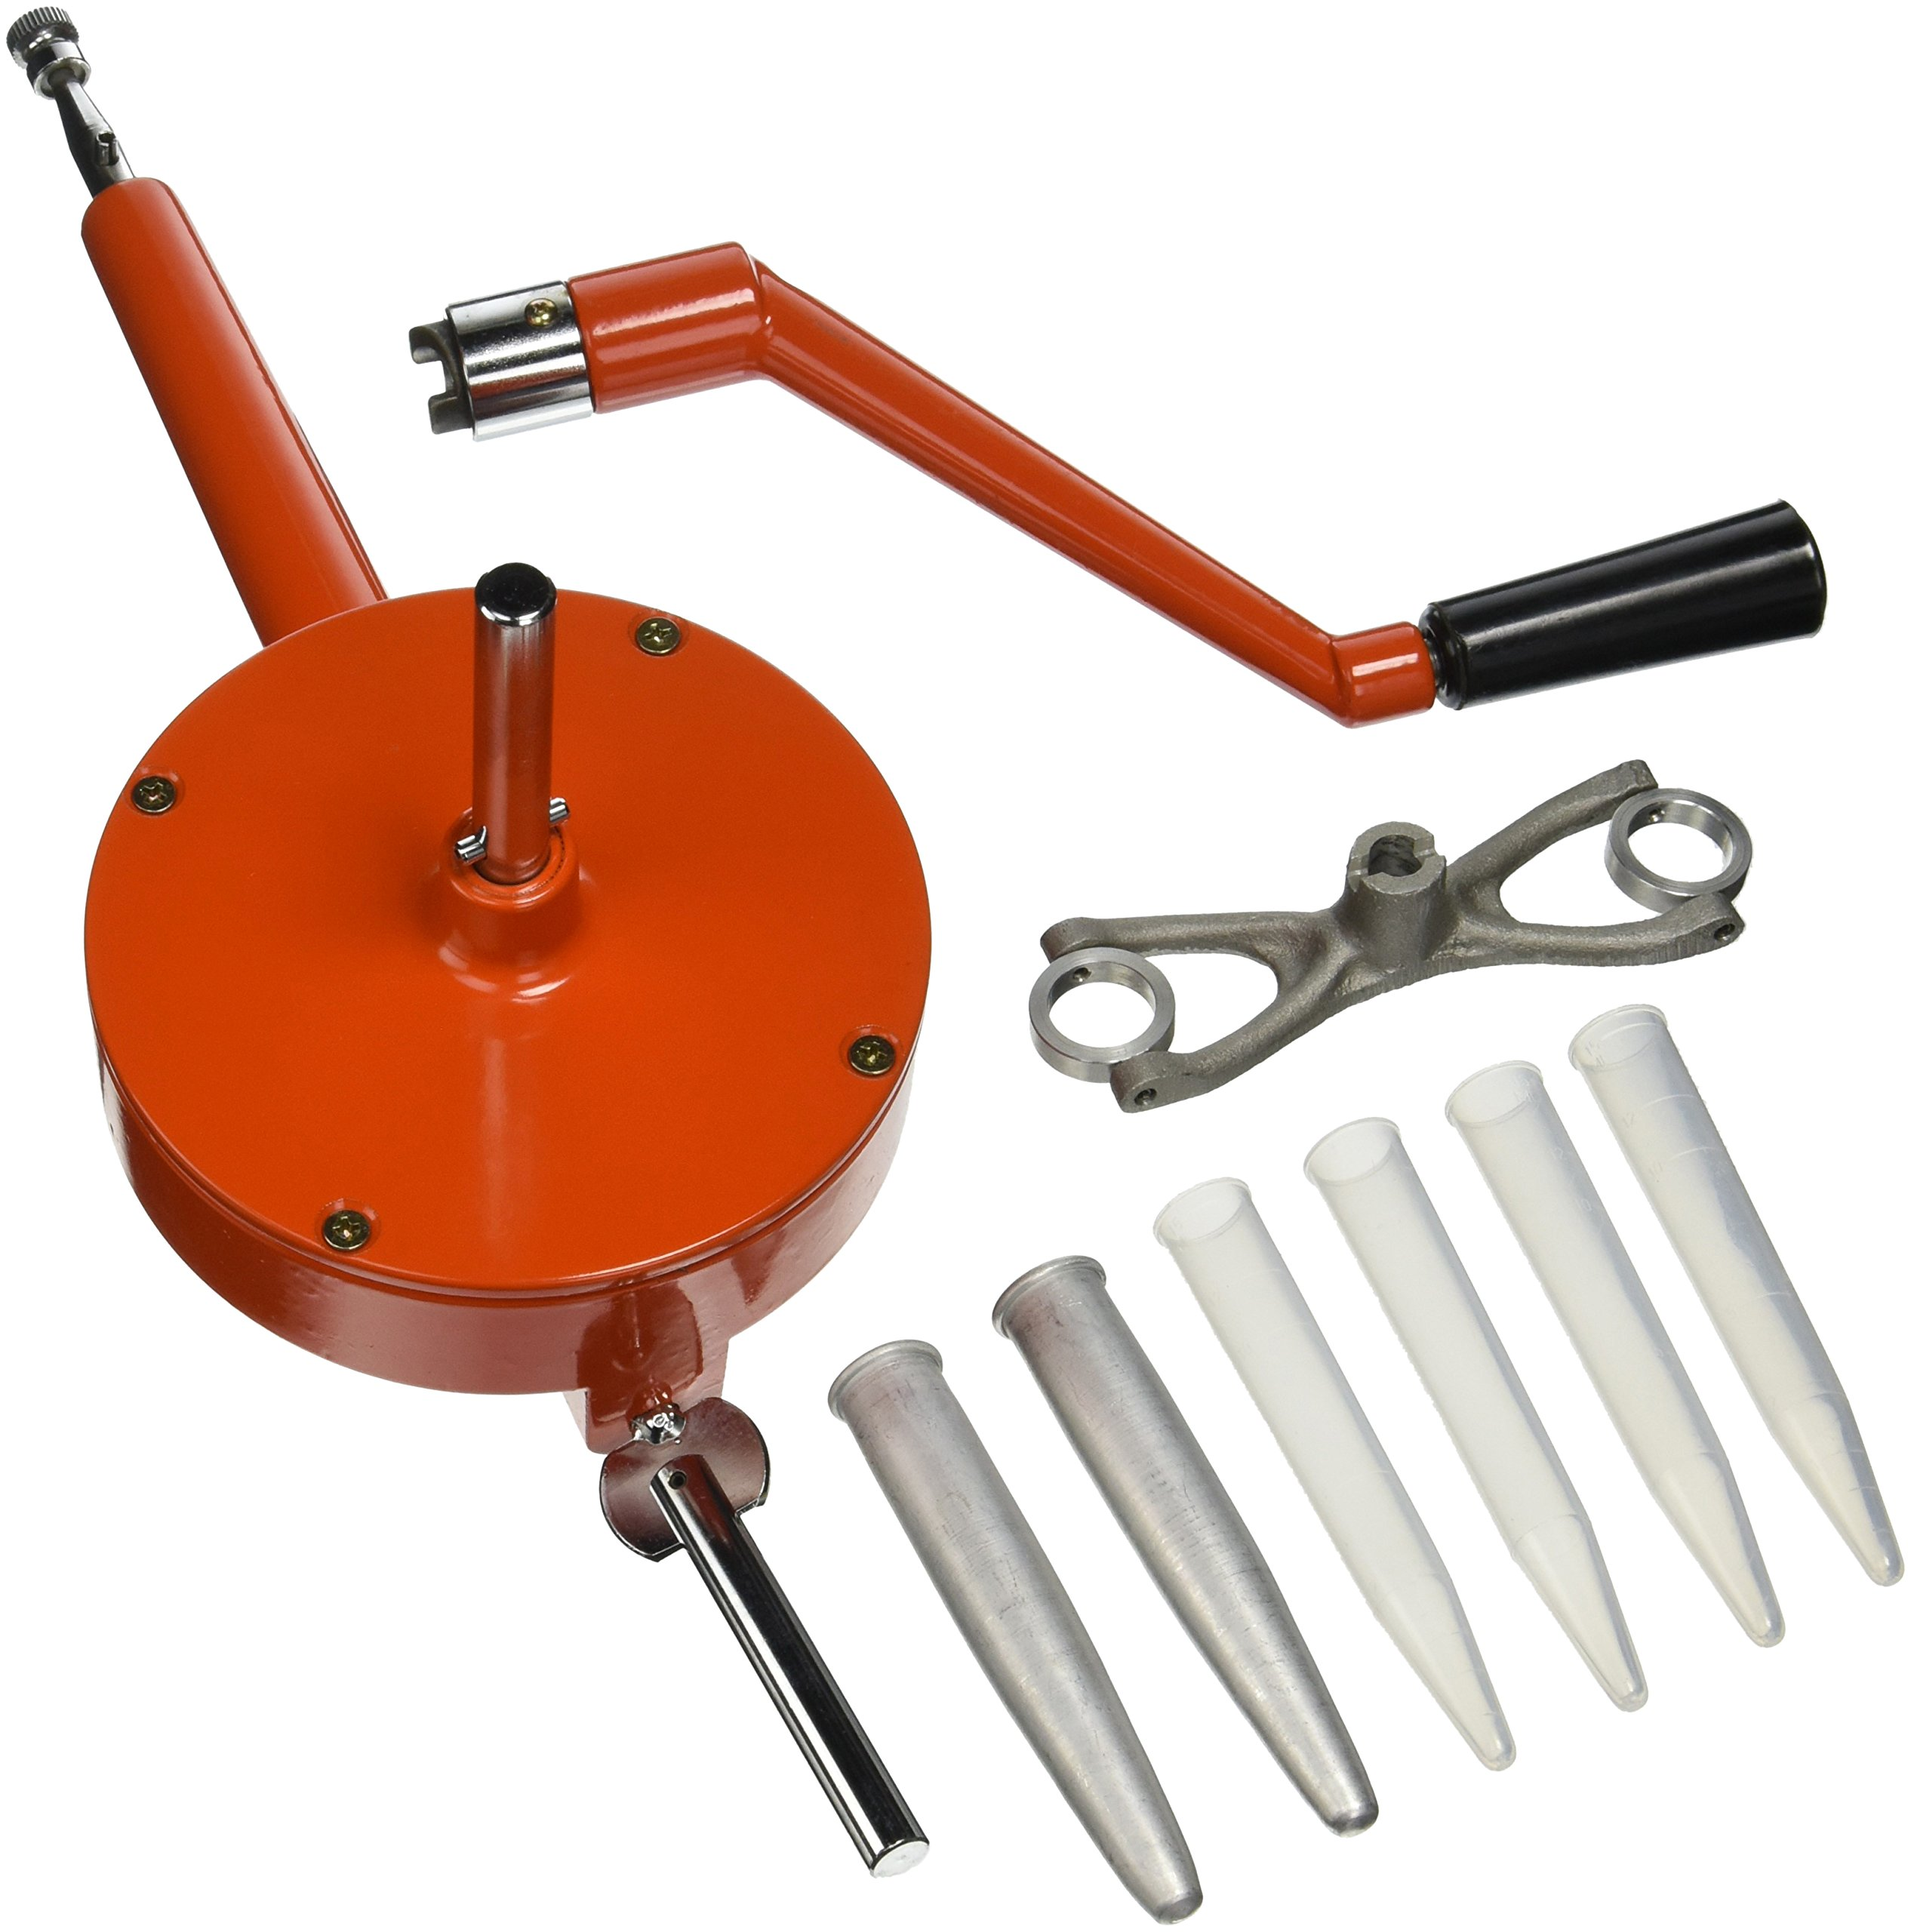 Boekel 1160-2-15 ASTM Testing Hand Centrifuge Apparatus by Boekel Industries